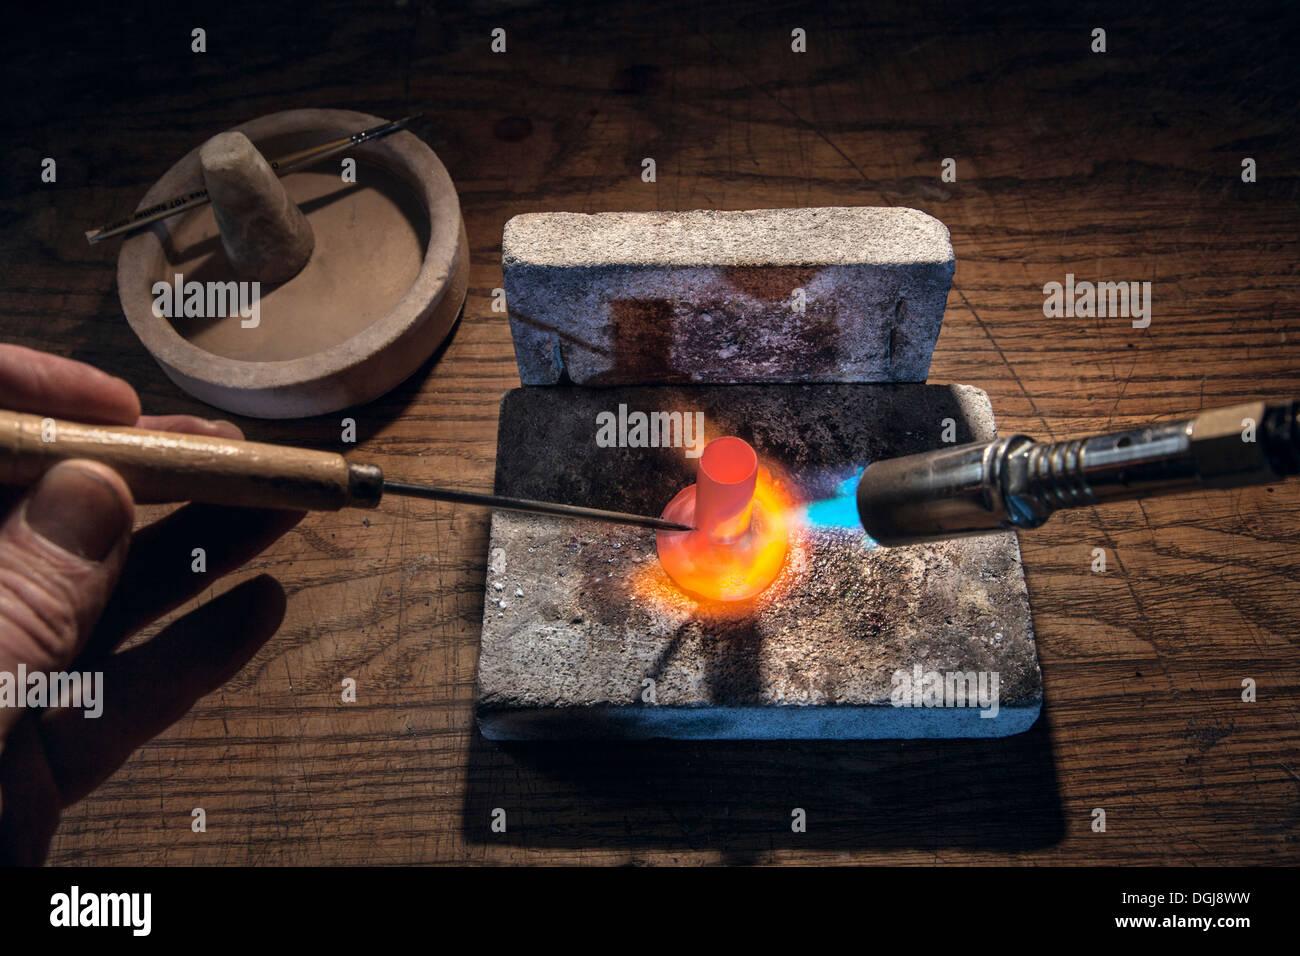 Lötlampe Silber Löten verwendet wird. Stockbild